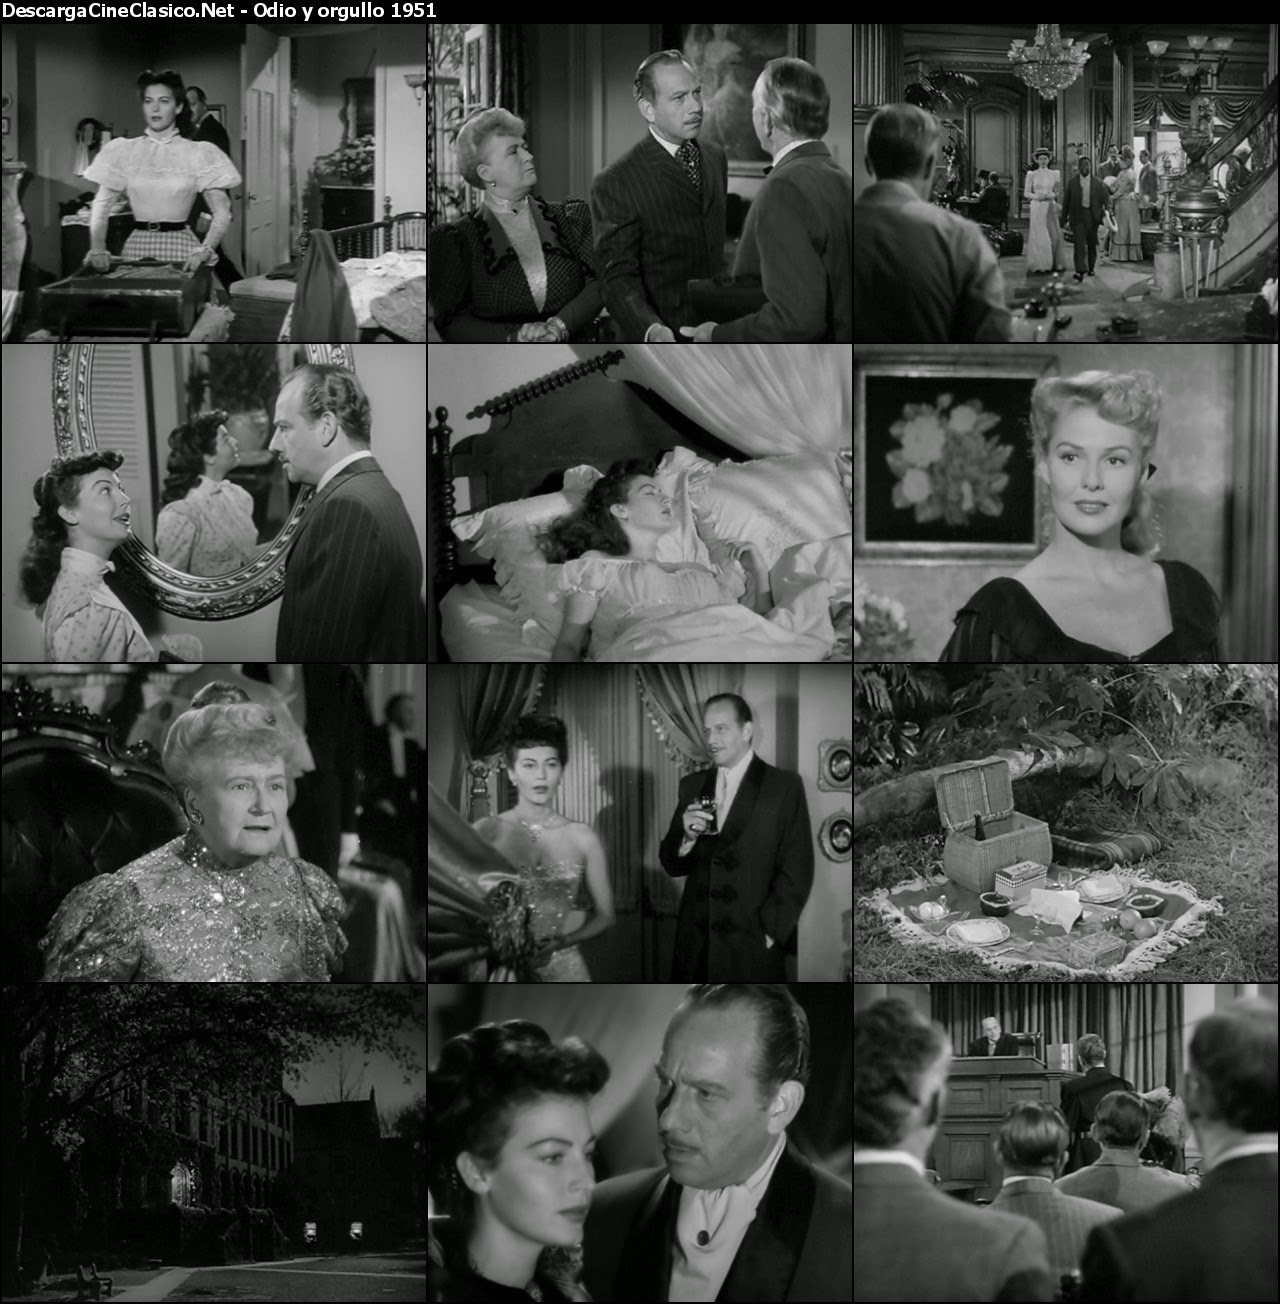 Odio y orgullo (1951 - My Forbidden Past)